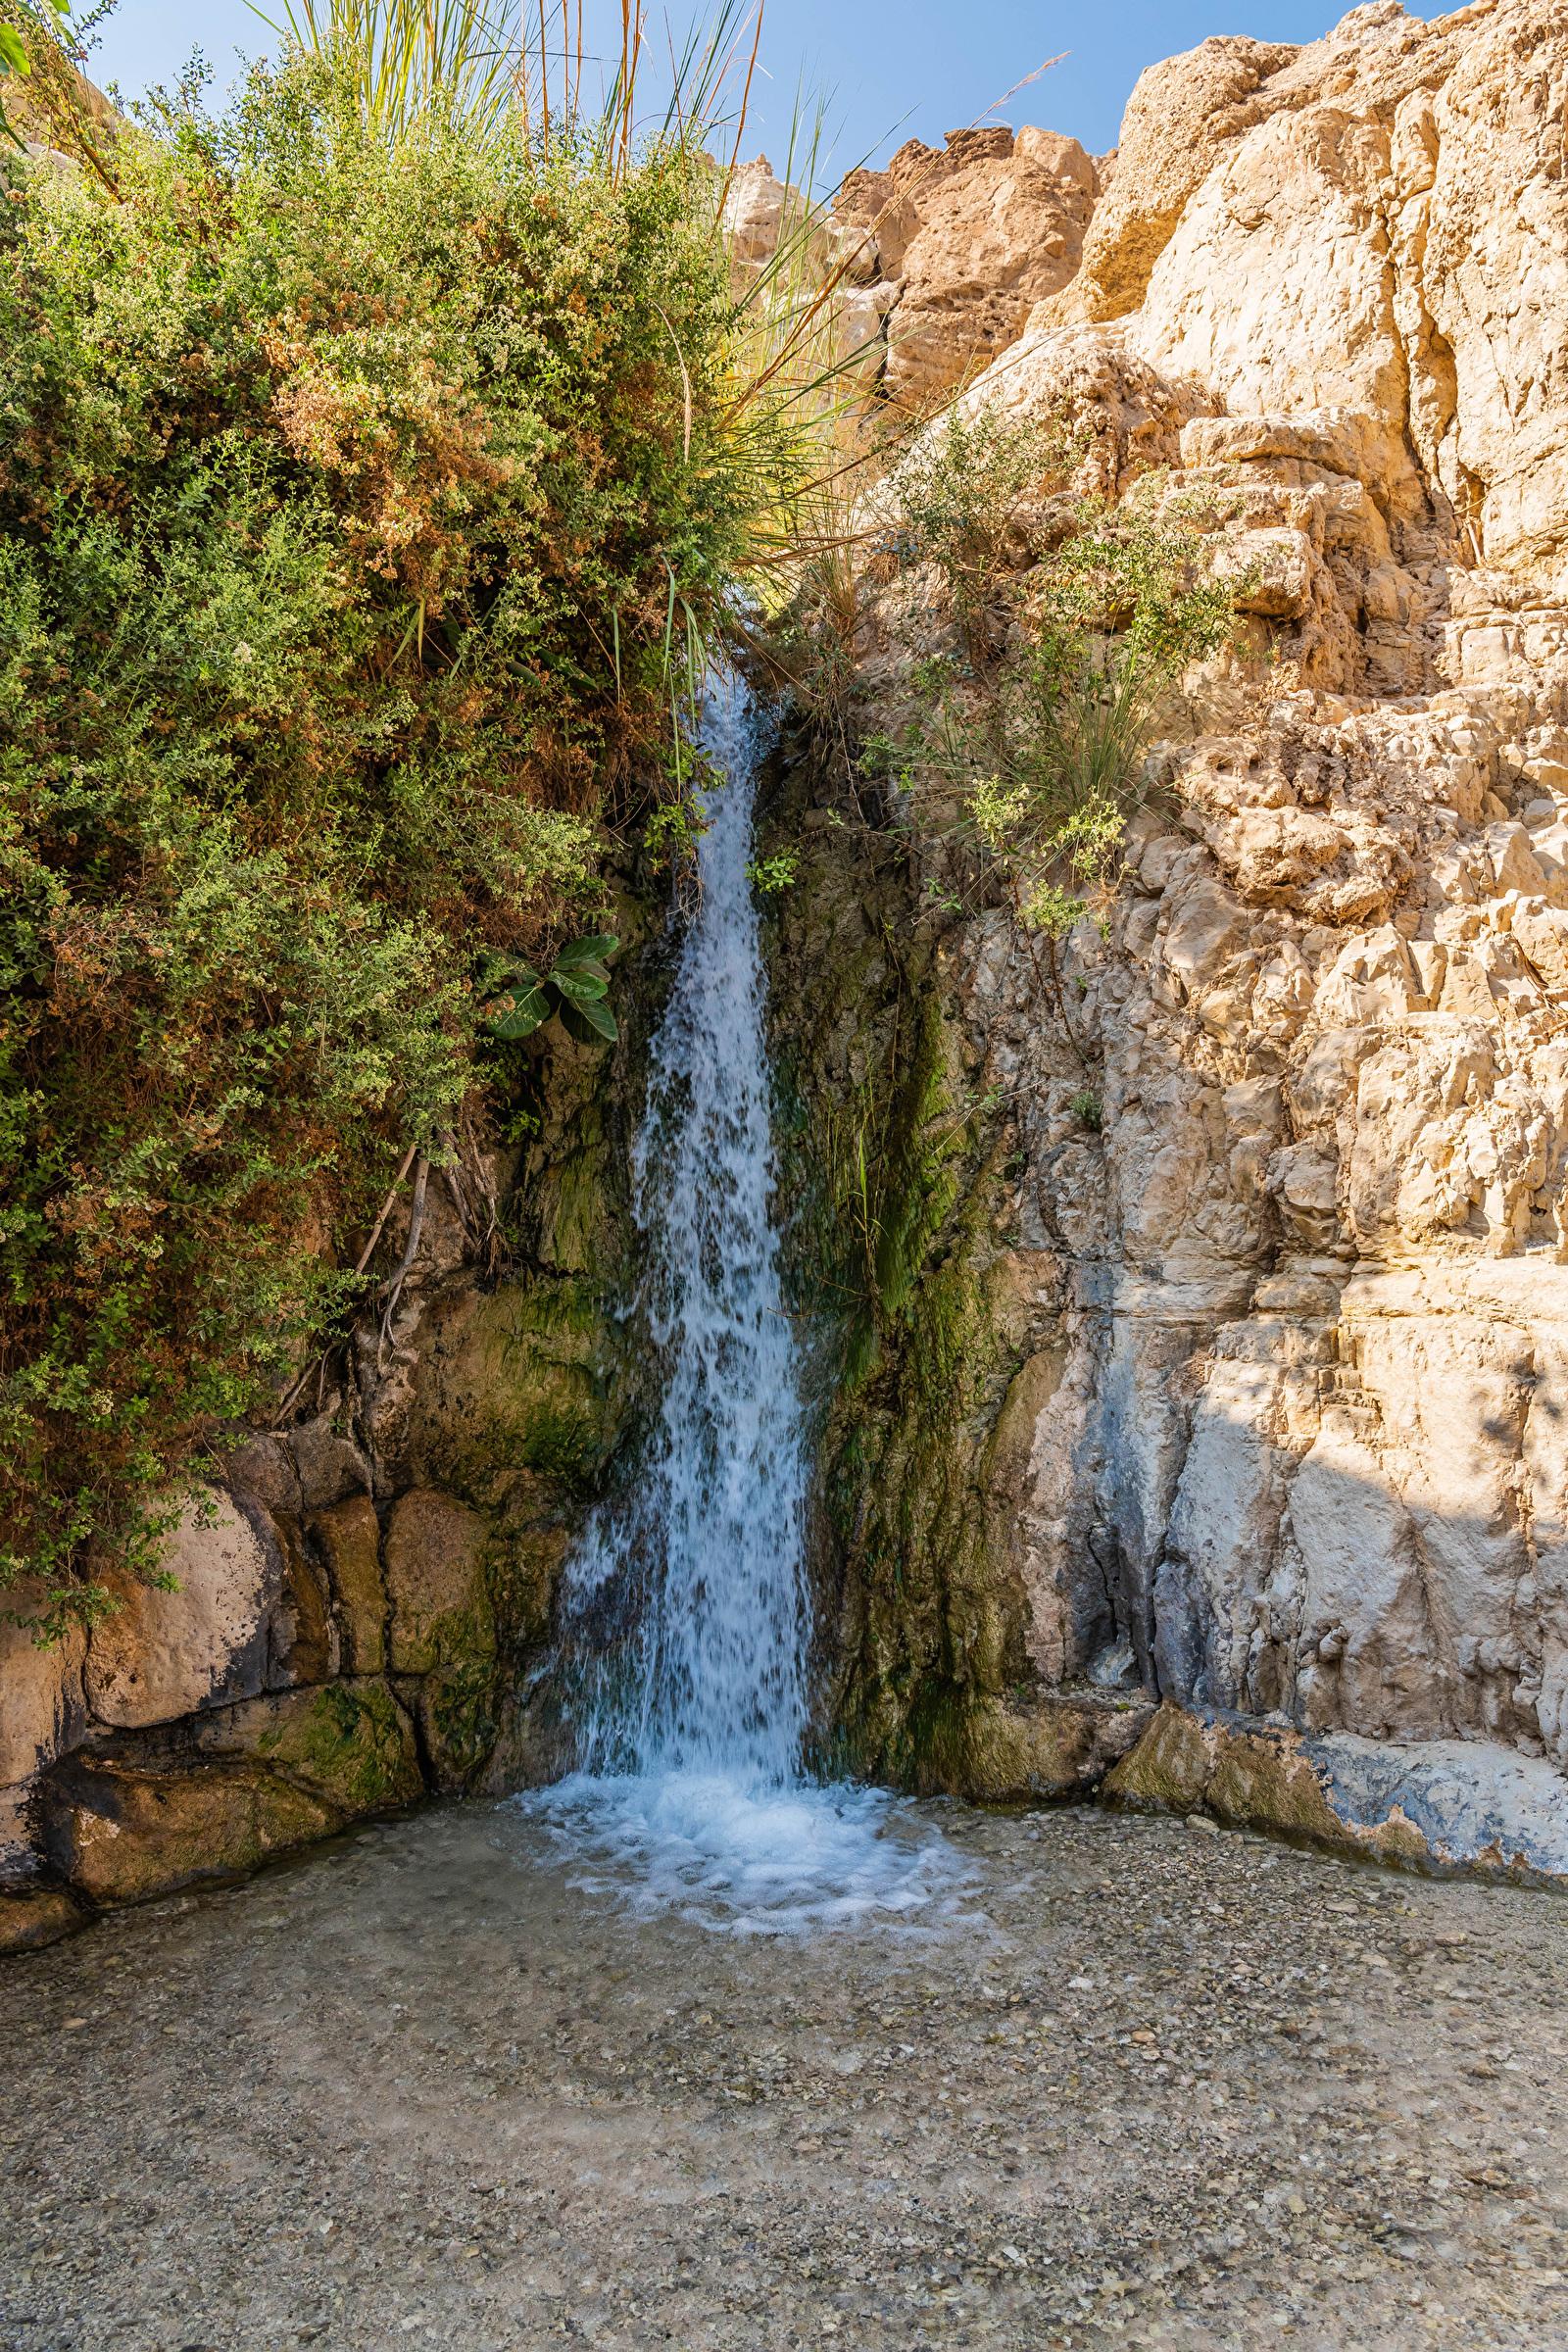 Картинки Израиль David's Waterfall Скала Природа Водопады мхом  для мобильного телефона Утес скалы скале Мох мха